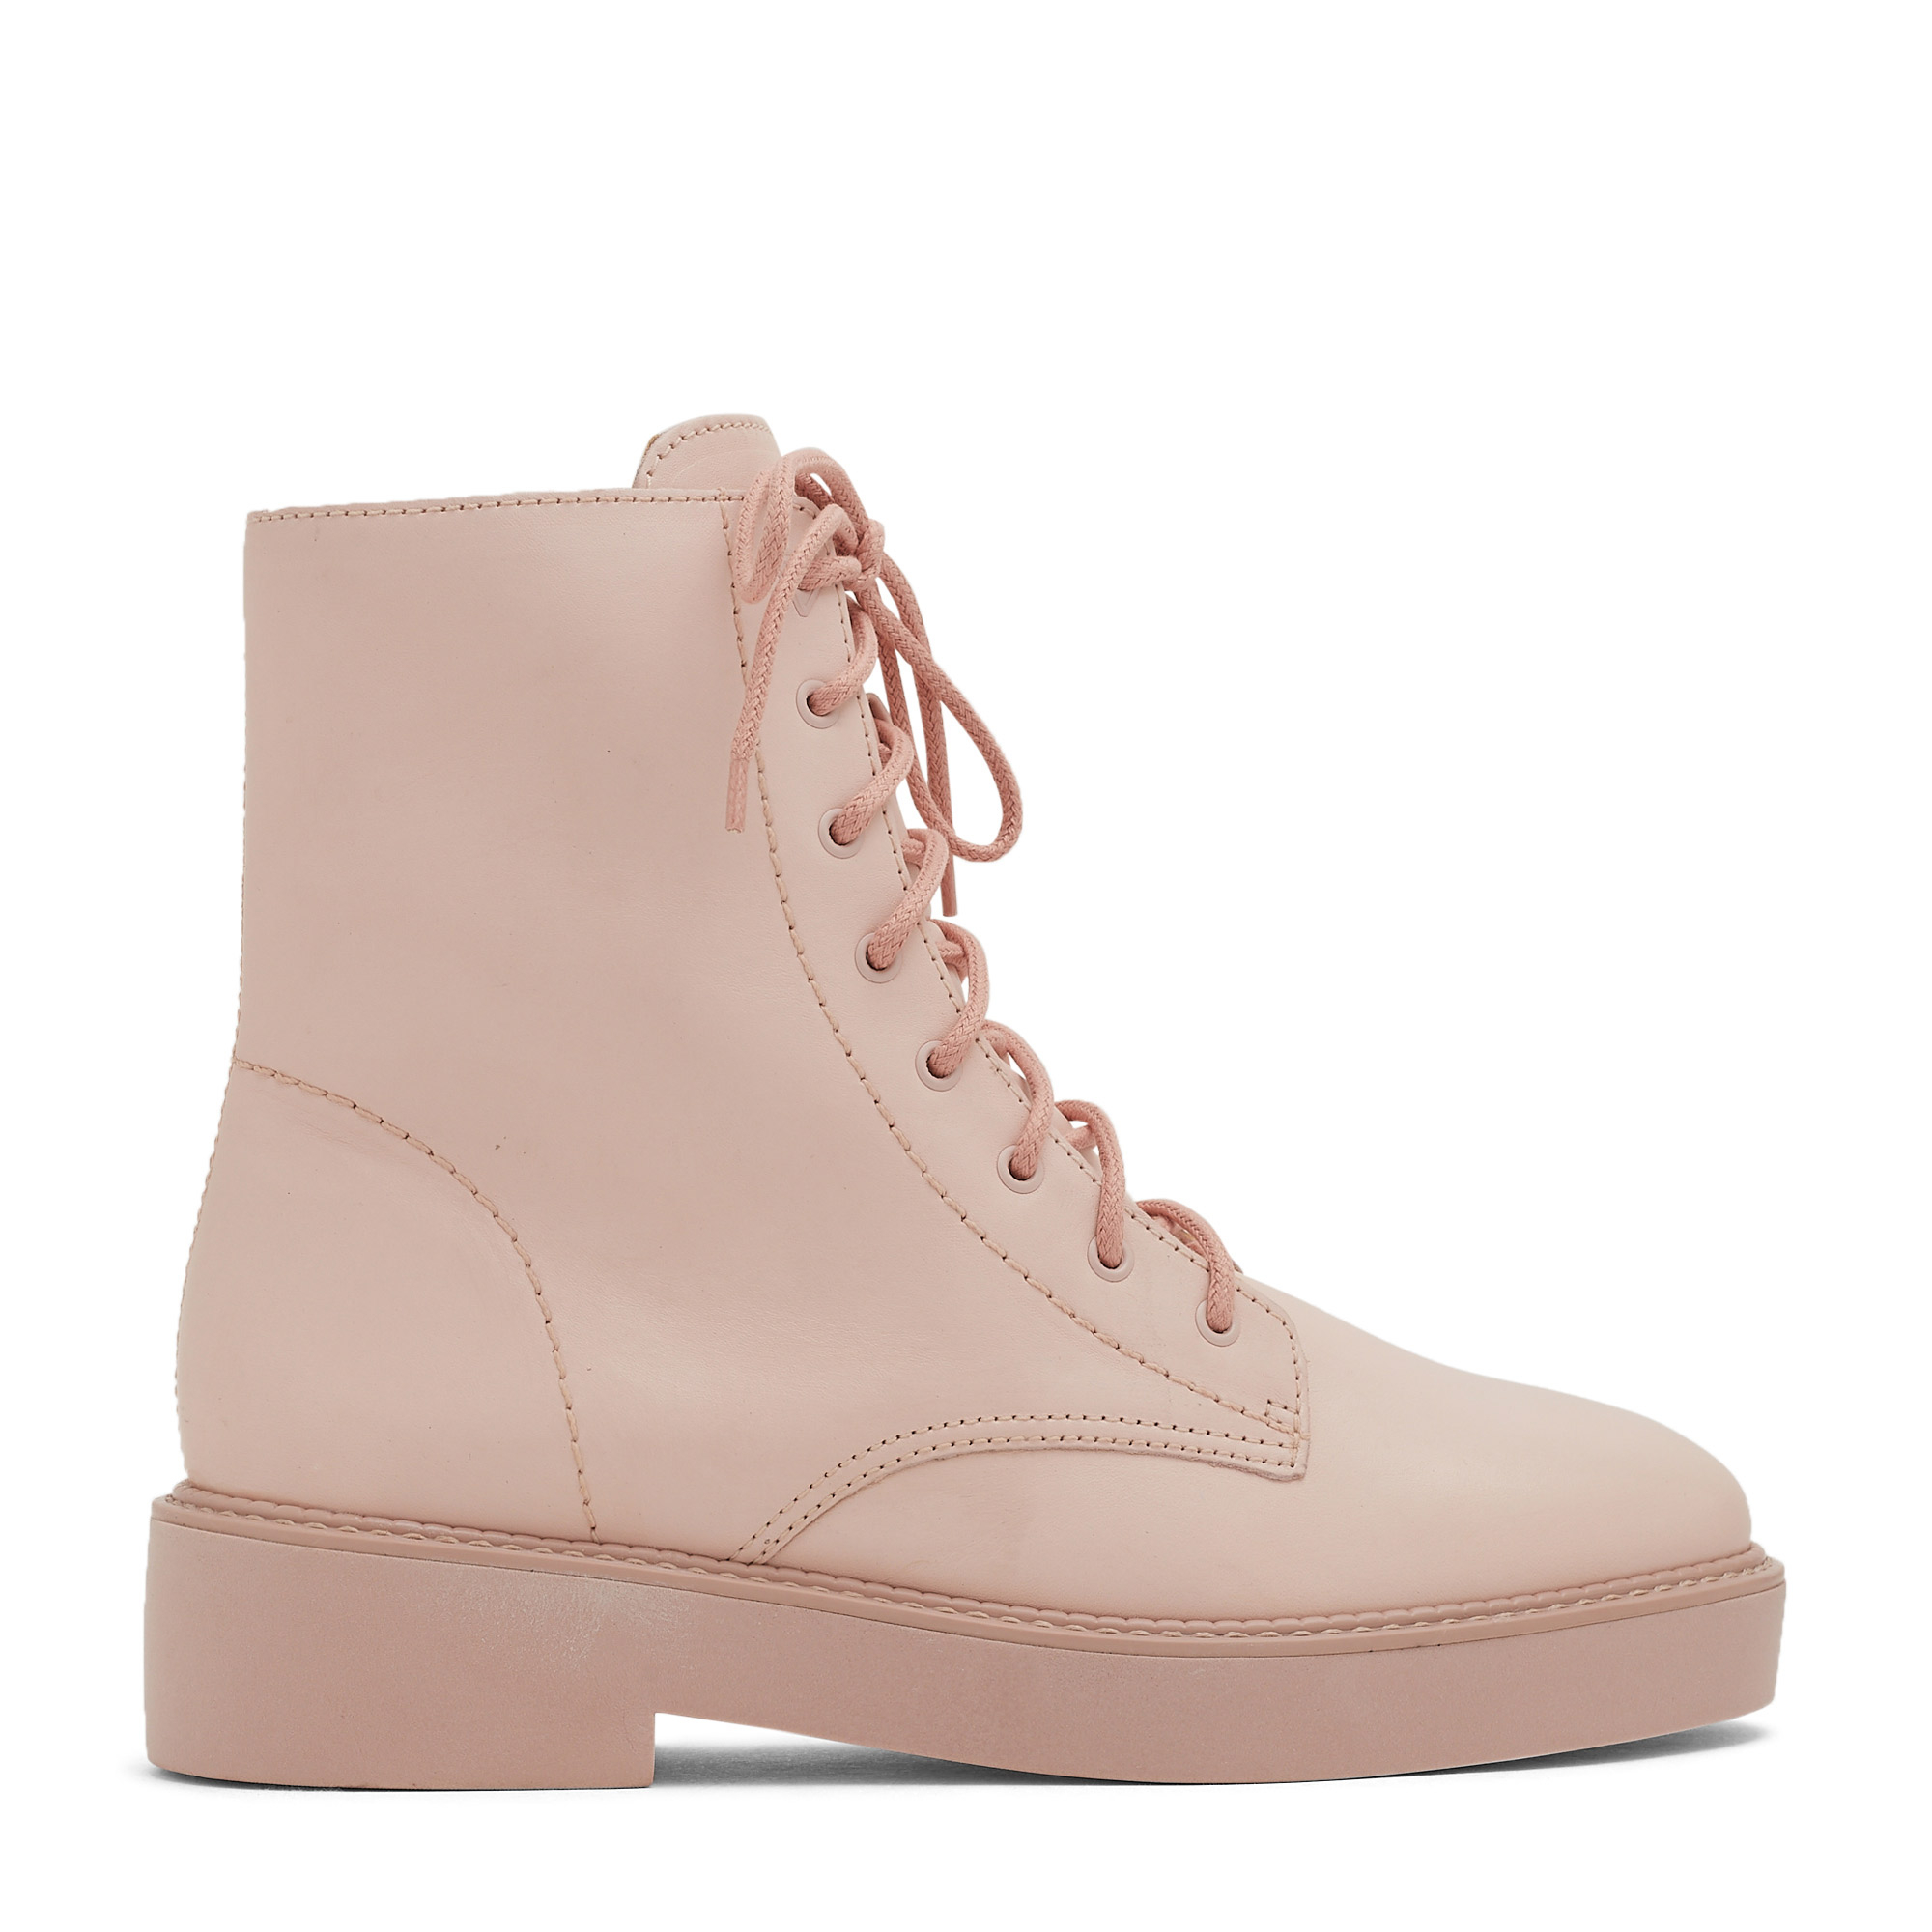 Mckenzie boots